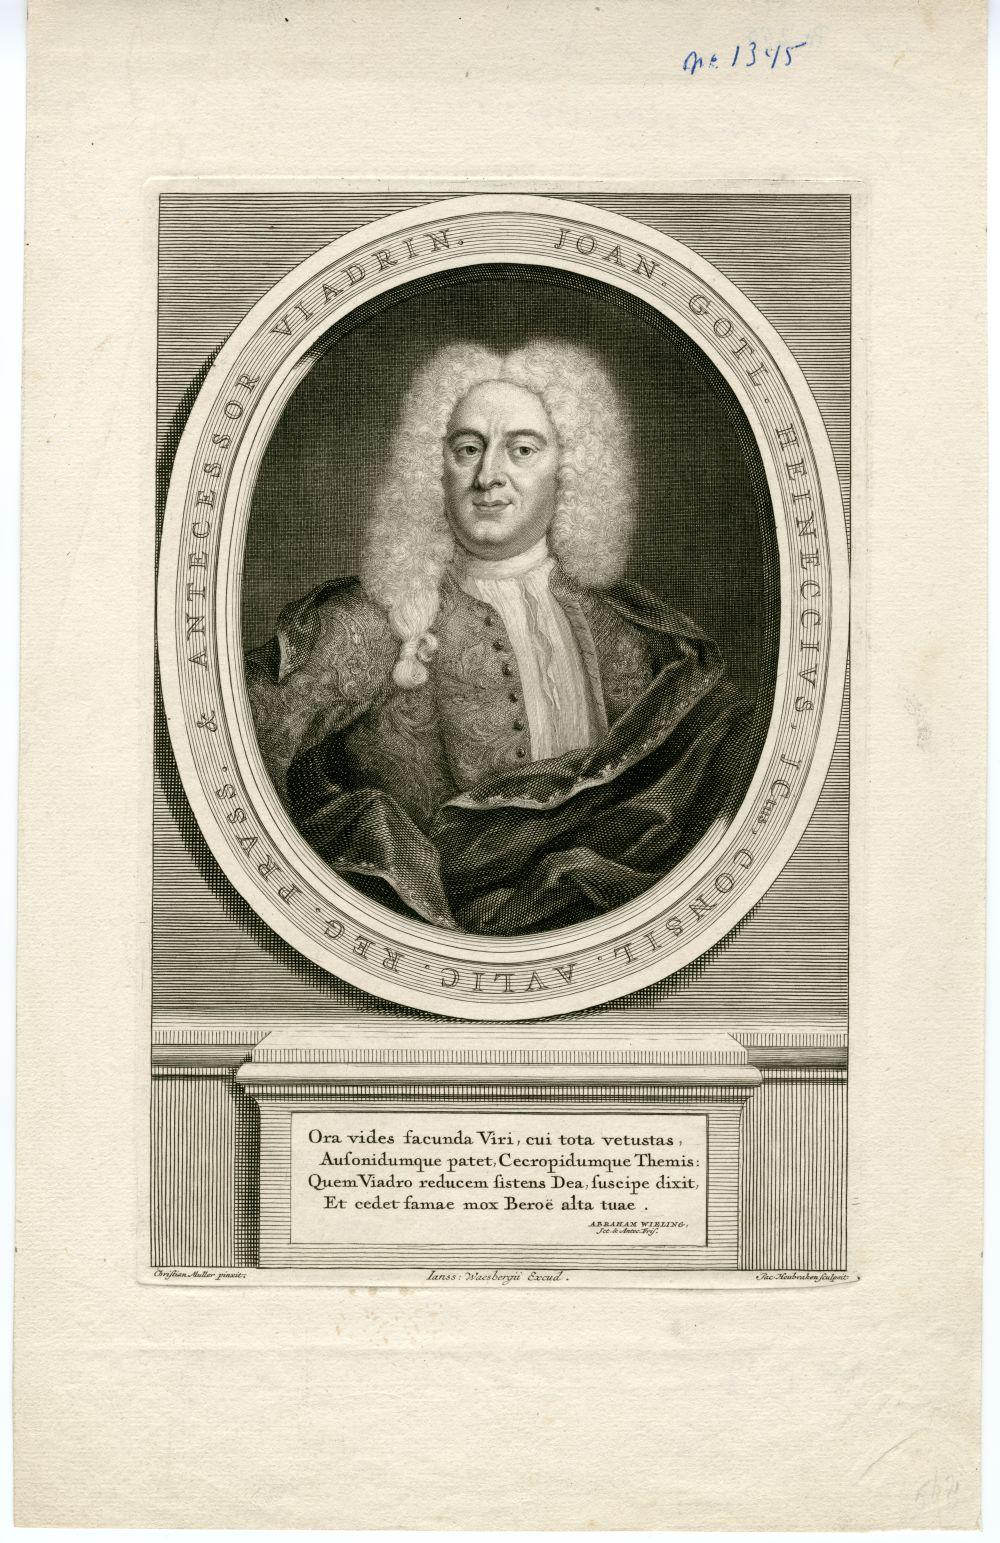 Portret van Joan Gotlieb Heineccius door J. Houbraken